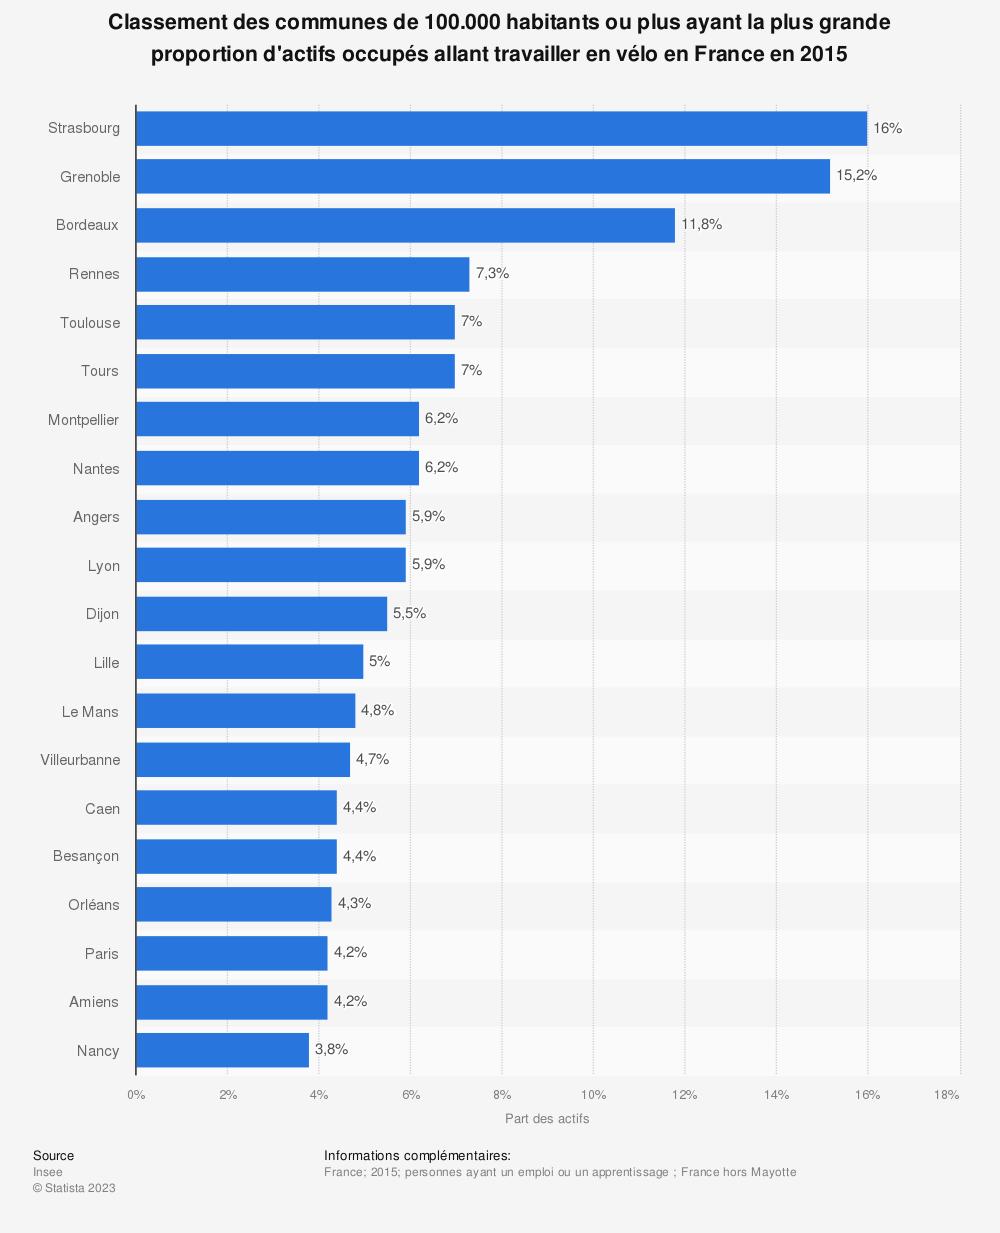 Statistique: Classement des communes de 100.000 habitants ou plus ayant la plus grande proportion d'actifs occupés allant travailler en vélo en France en 2015 | Statista